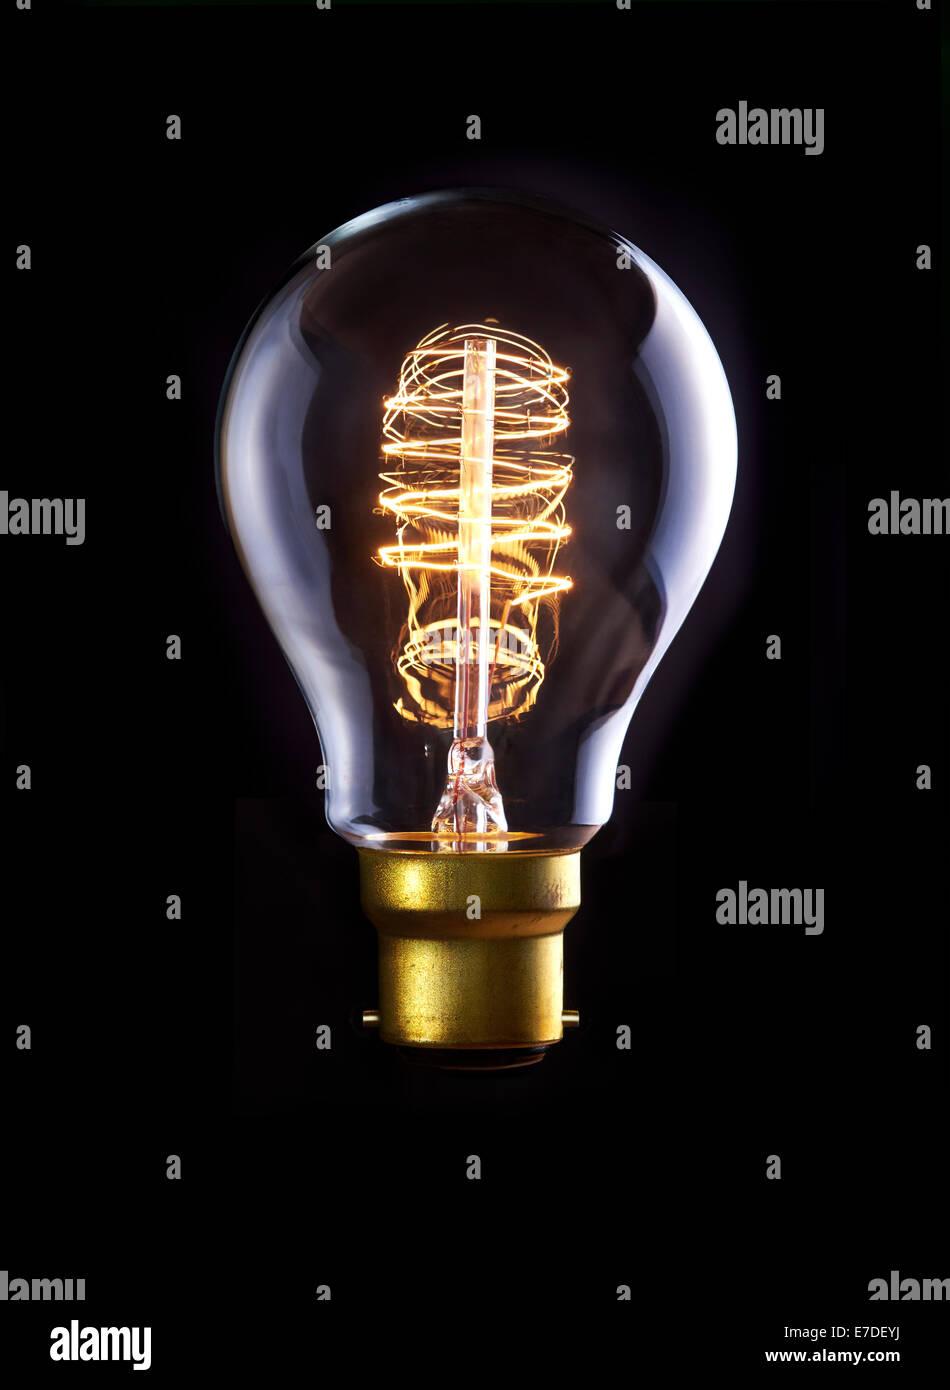 Eine klassische Edison-Lampe mit einer Schleife Filament. Eingeschaltet. Stockbild